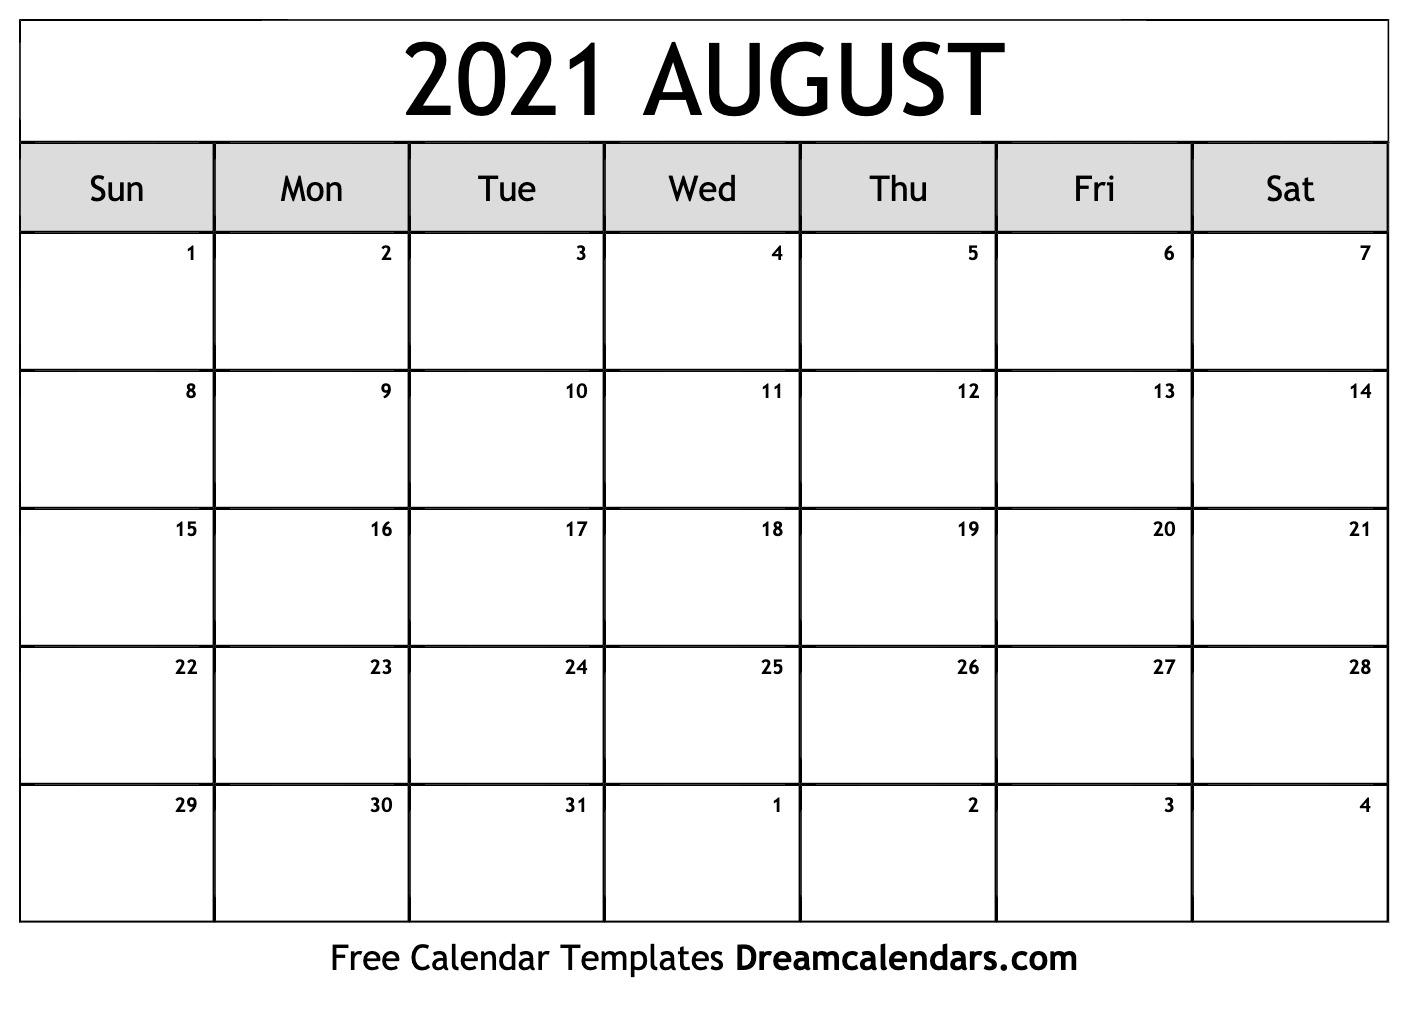 Take Calendar 2021 August September October